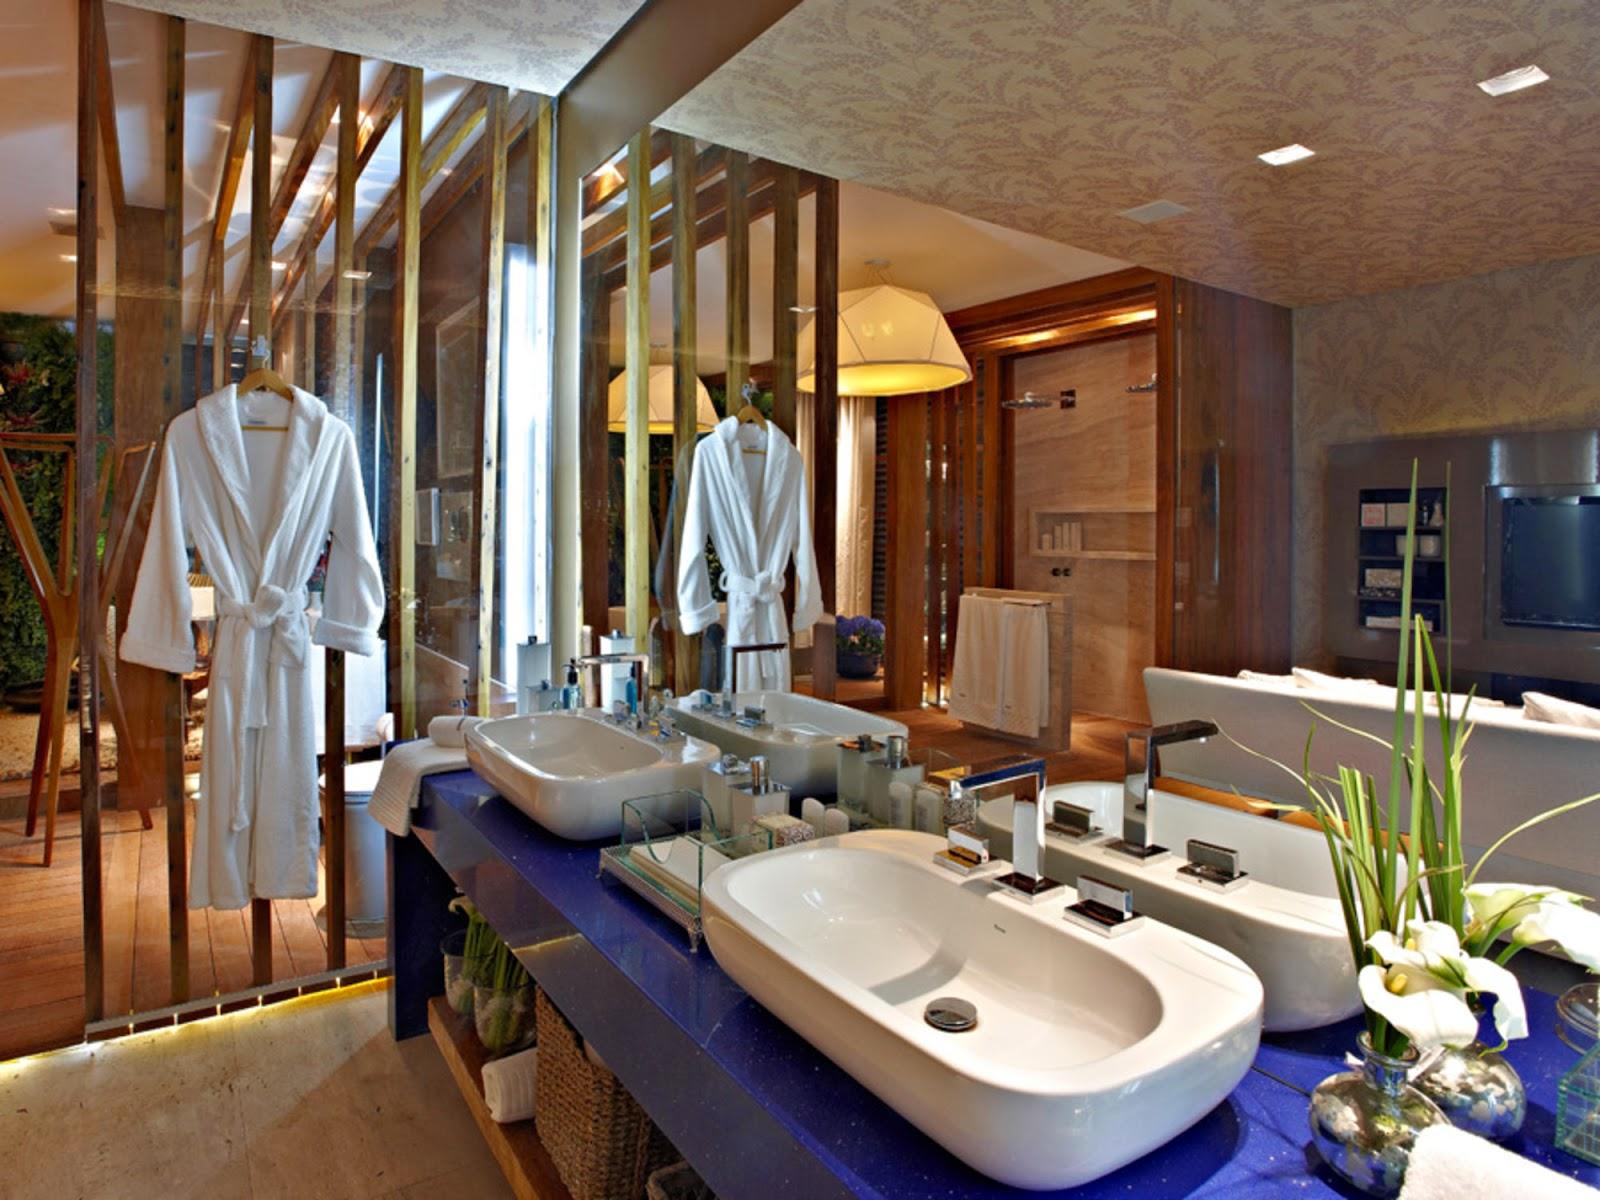 40 Bancadas de banheiros/lavabos – veja modelos modernos e  #986833 1600x1200 Bancadas Banheiros Modernos